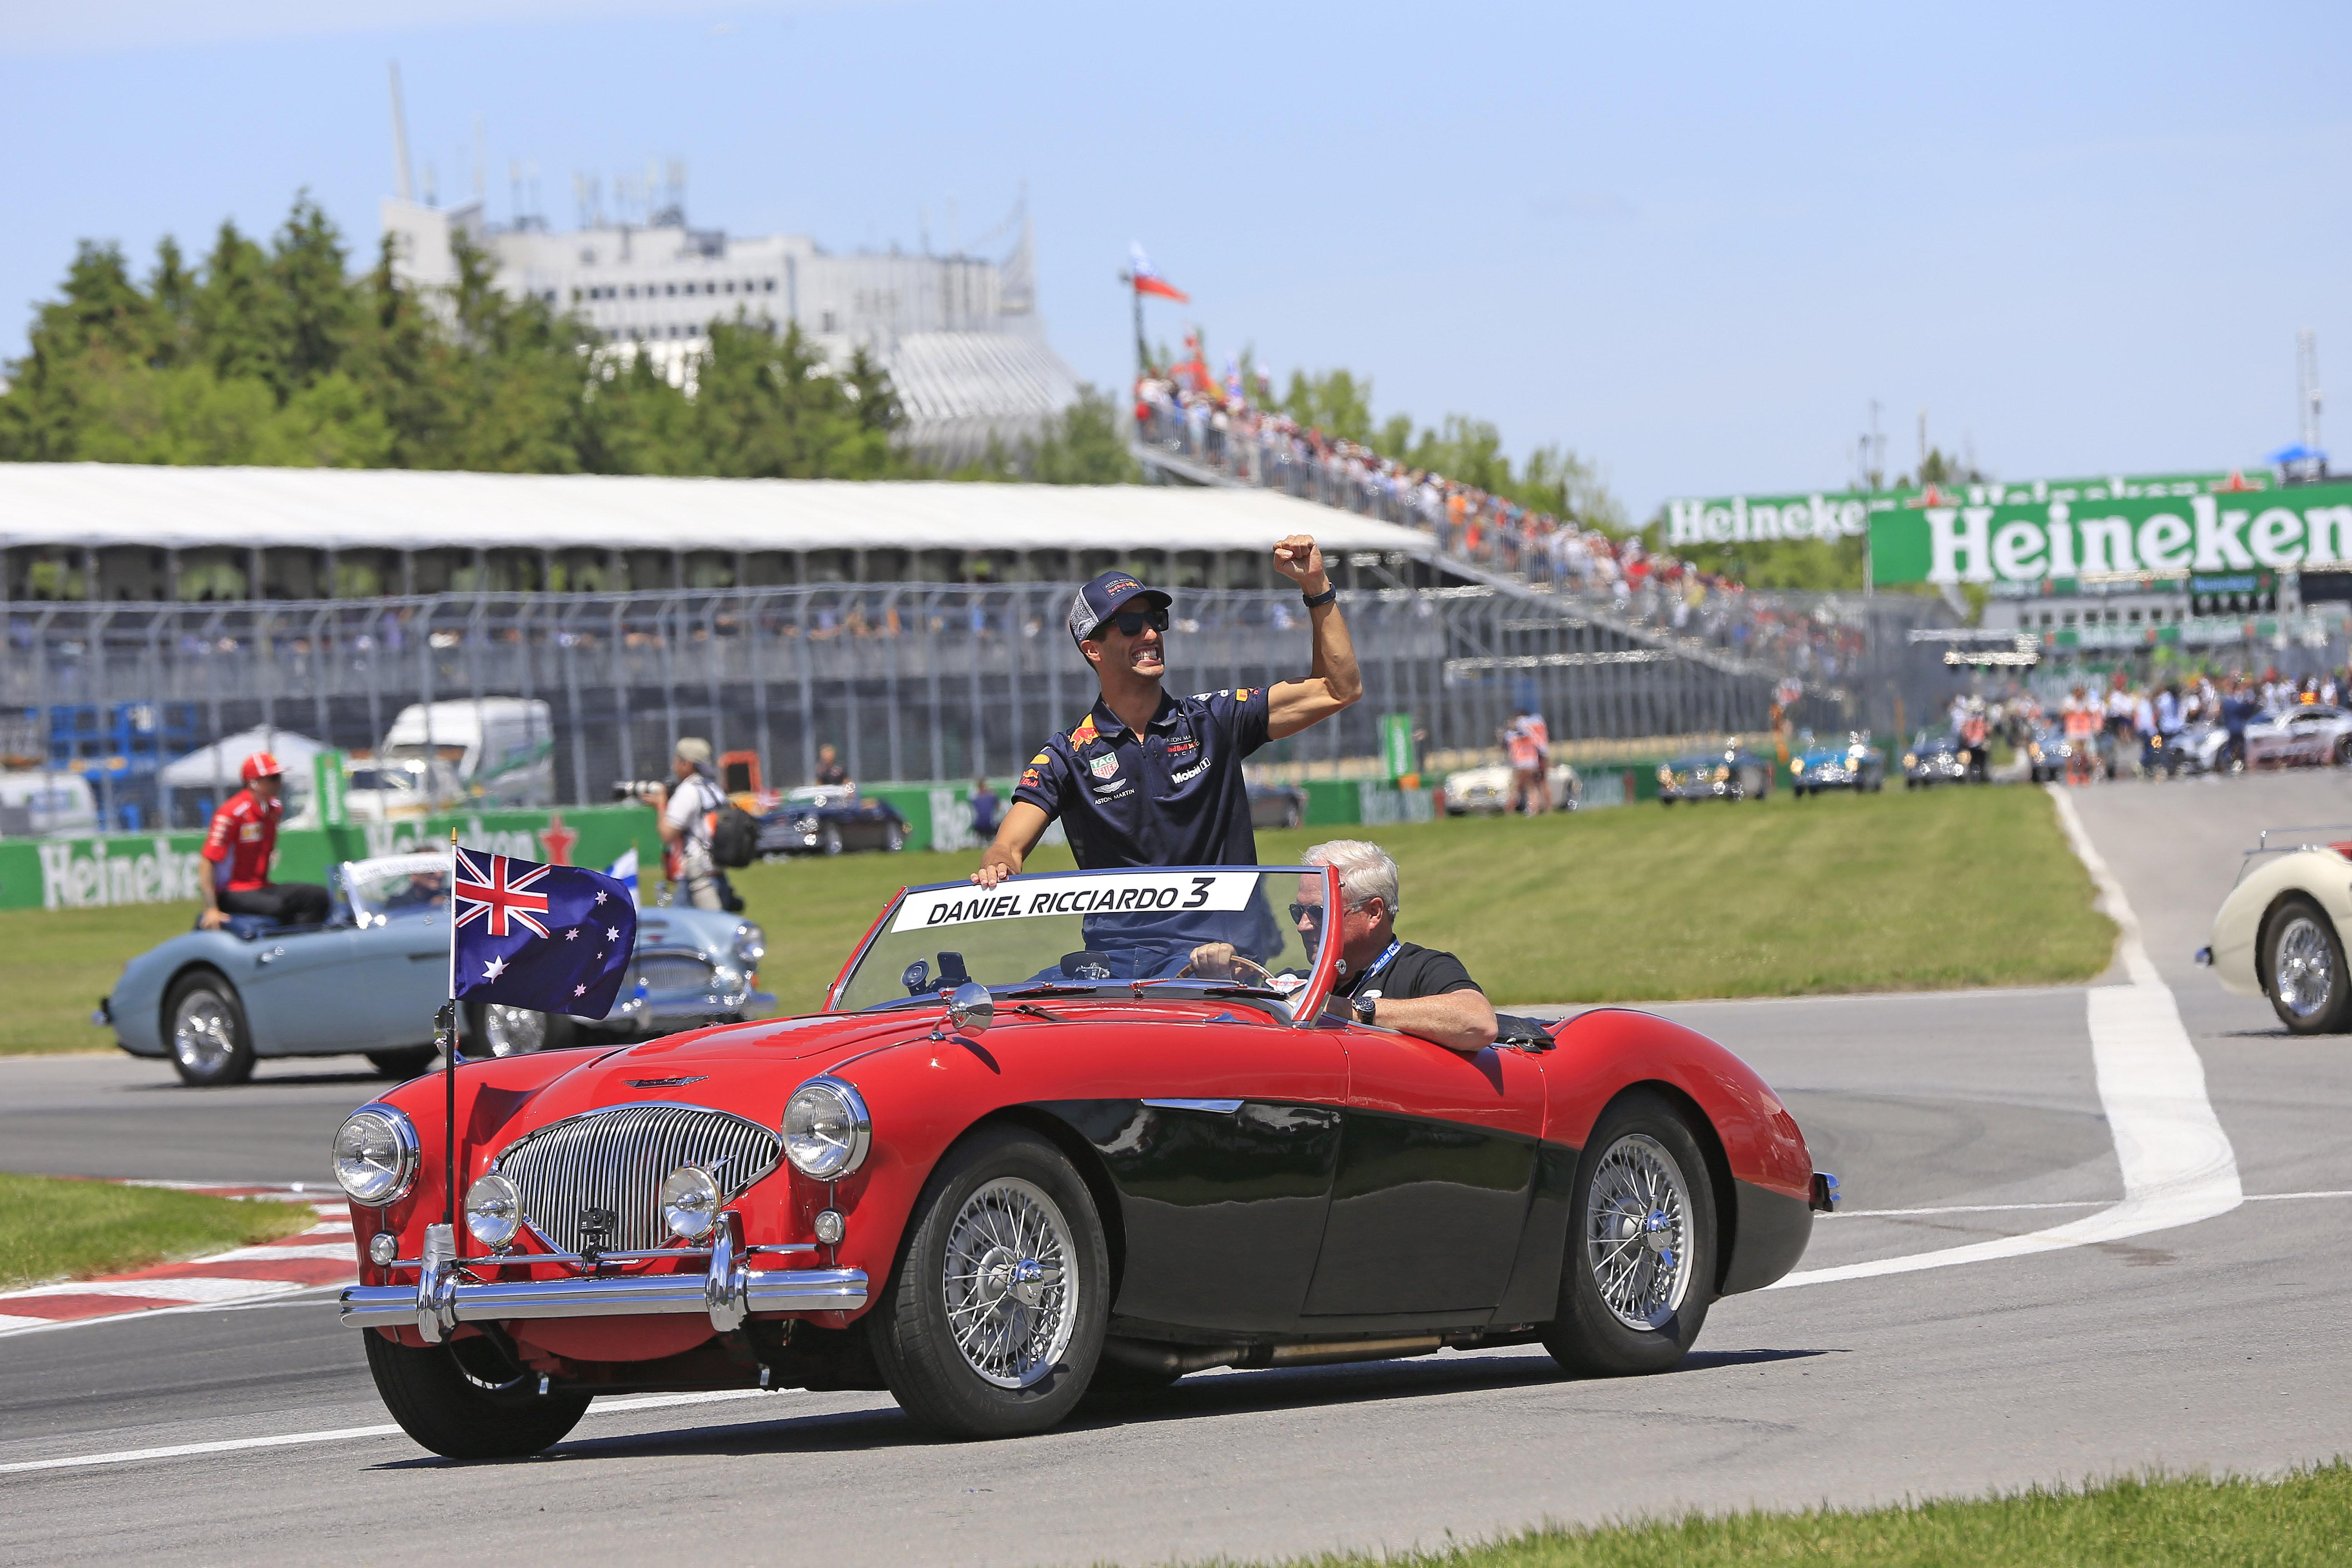 Daniel Ricciardo in the pre-race parade